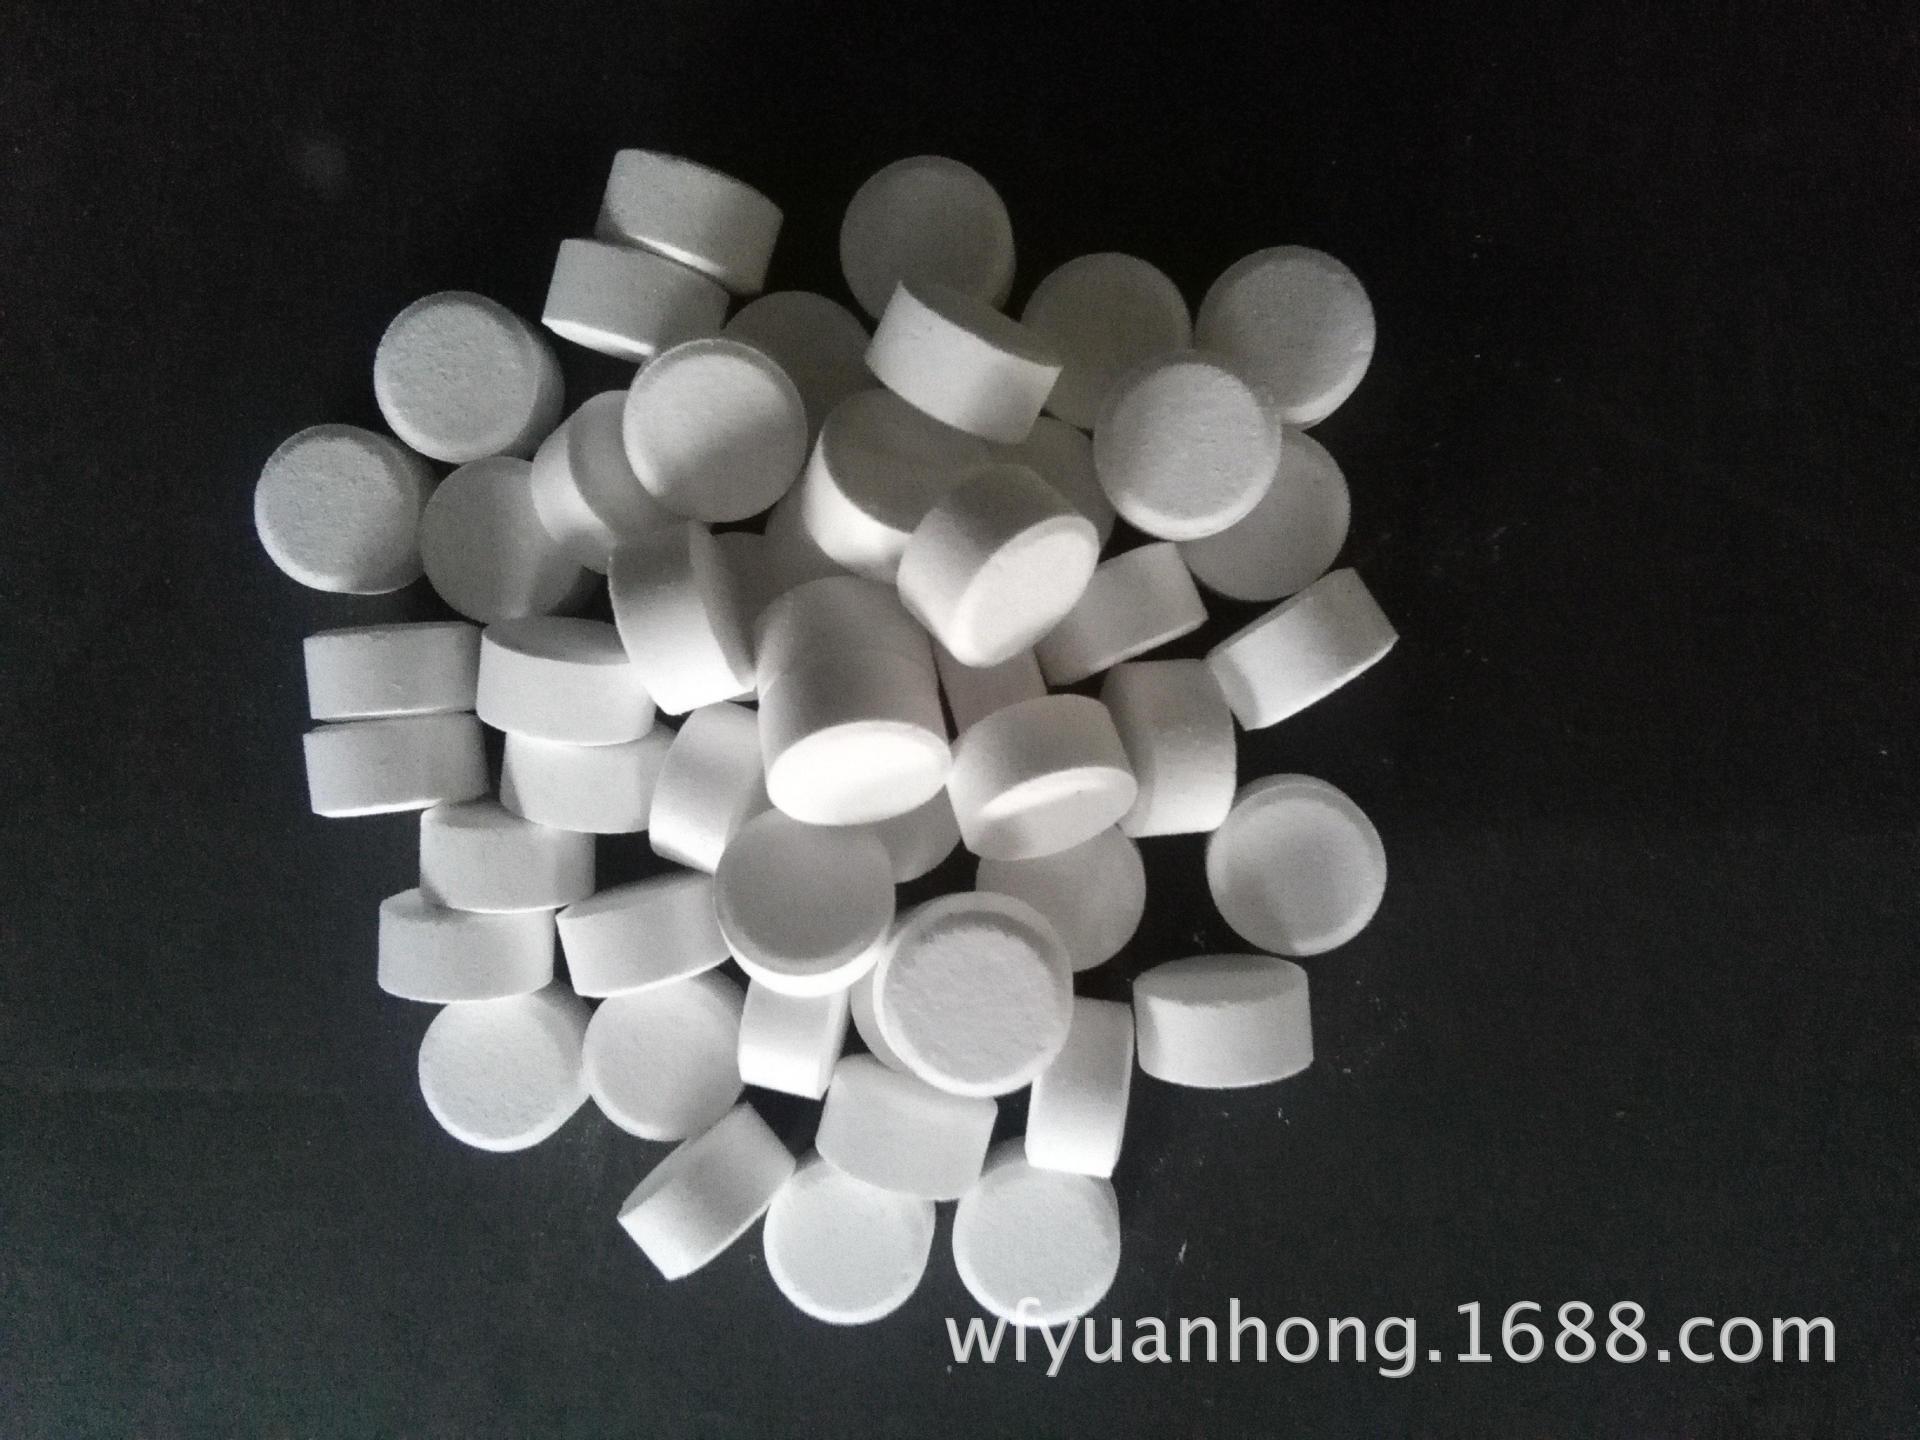 大量供应二氧化氯 造纸 纸浆漂白剂